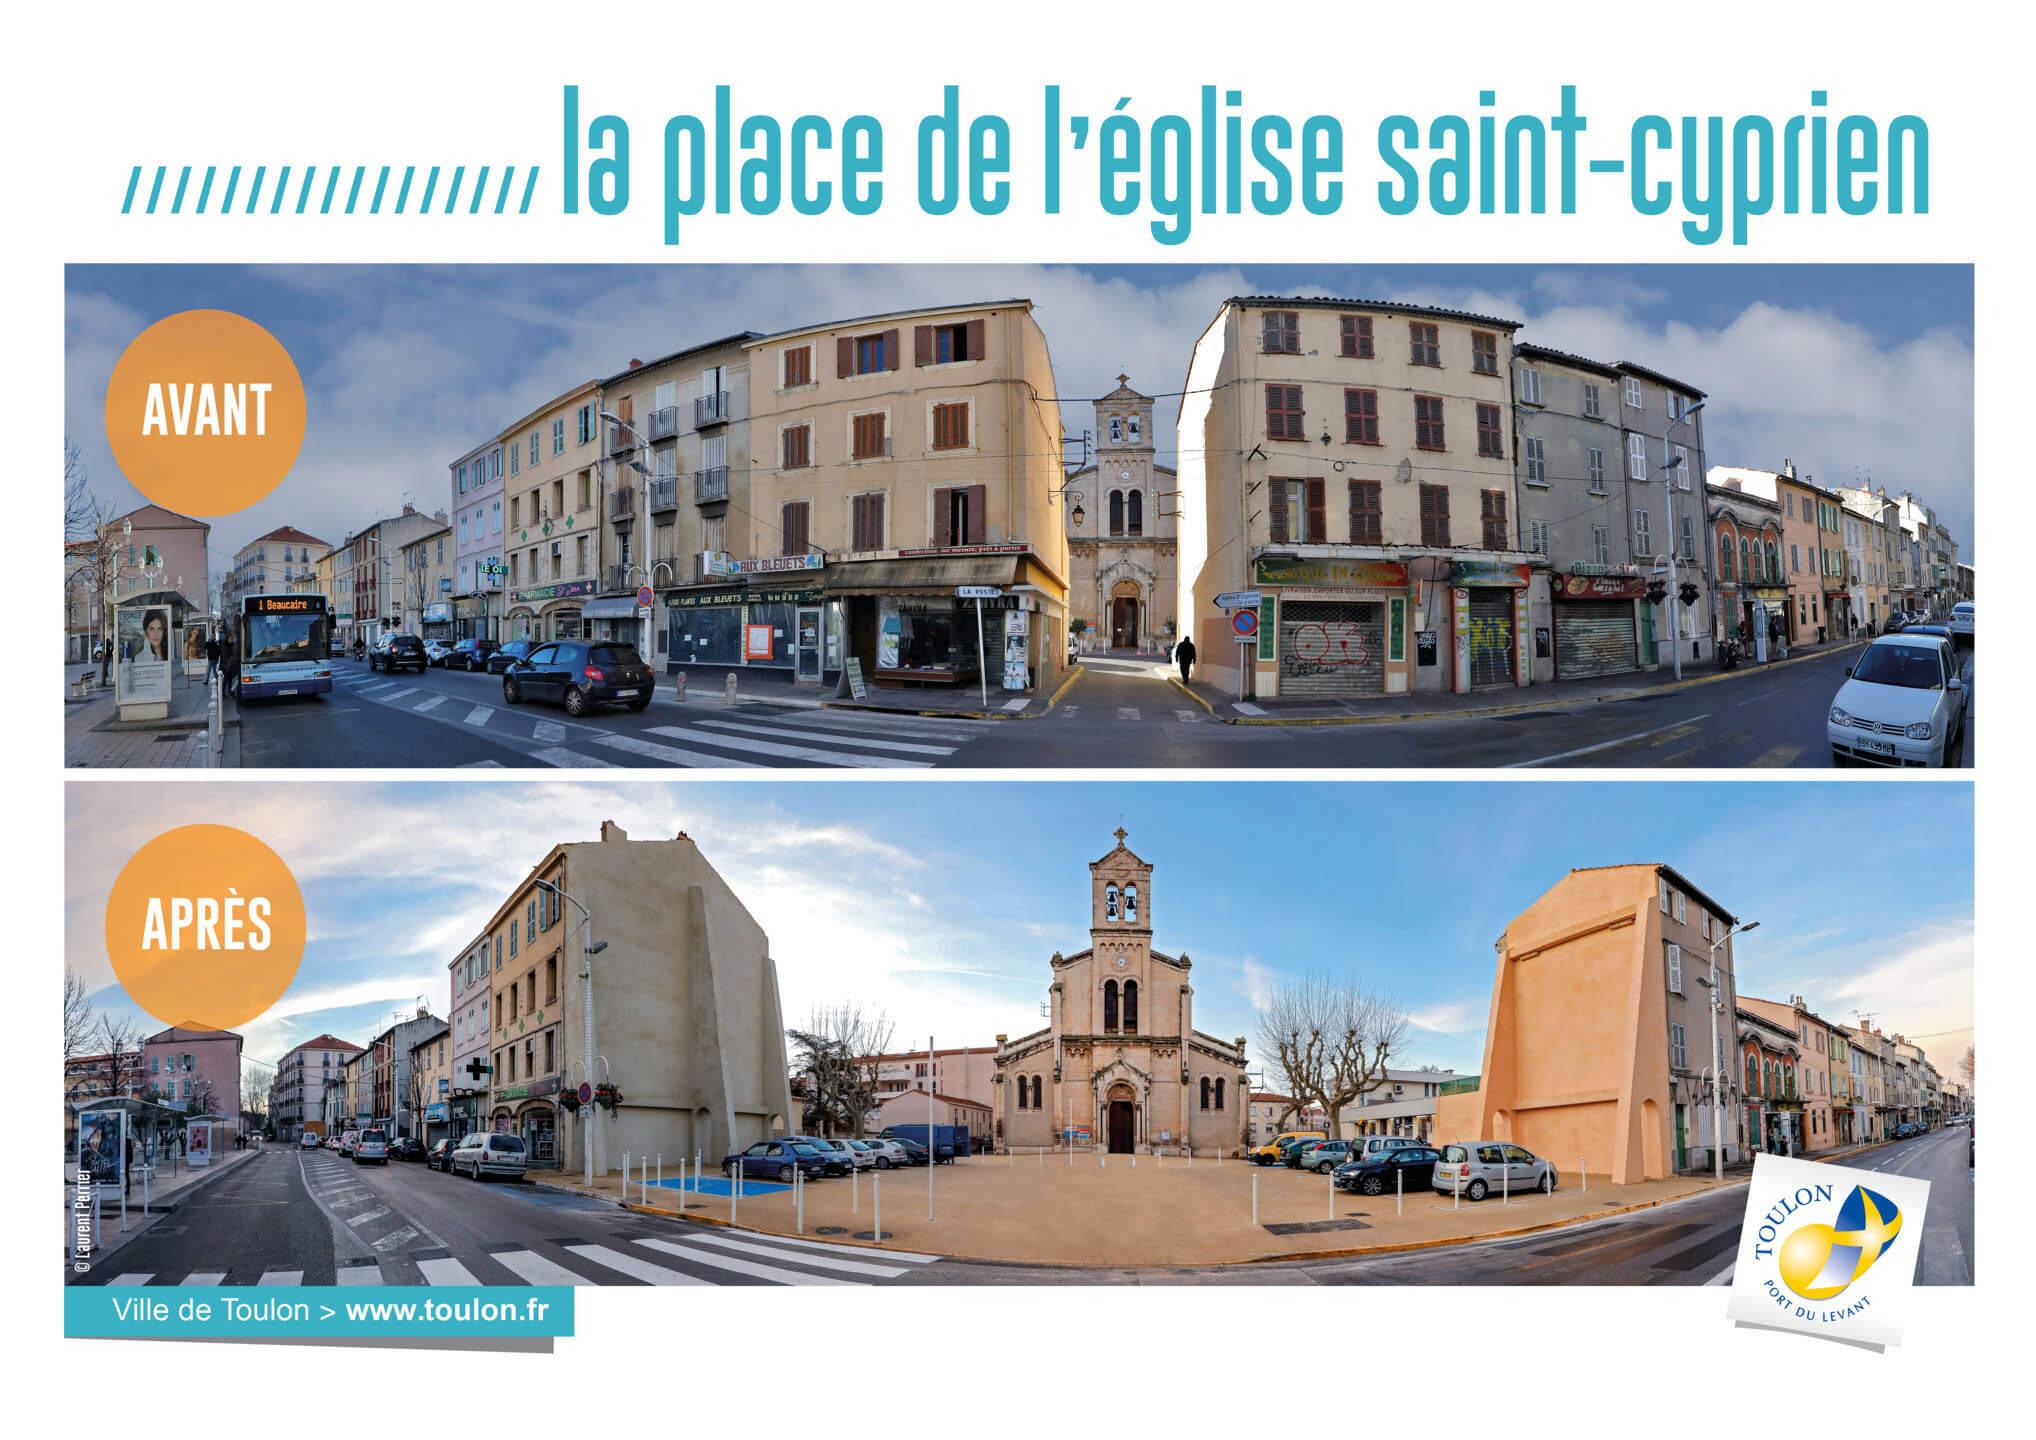 La place de l'église saint-cyprien